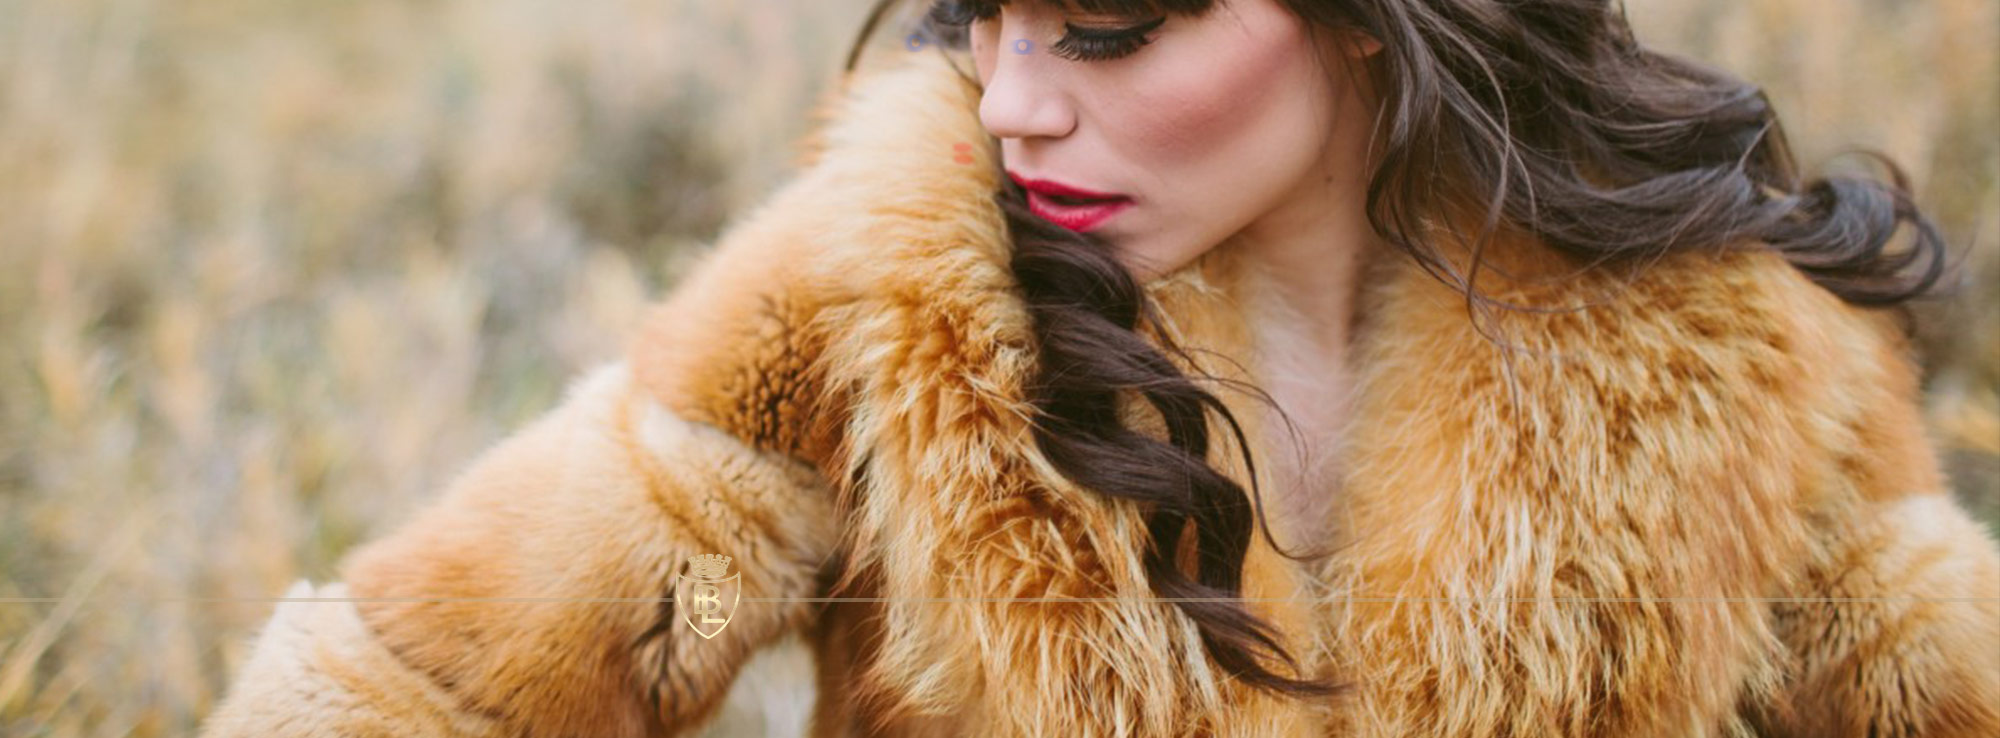 Personalizziamo pellicce già esistenti